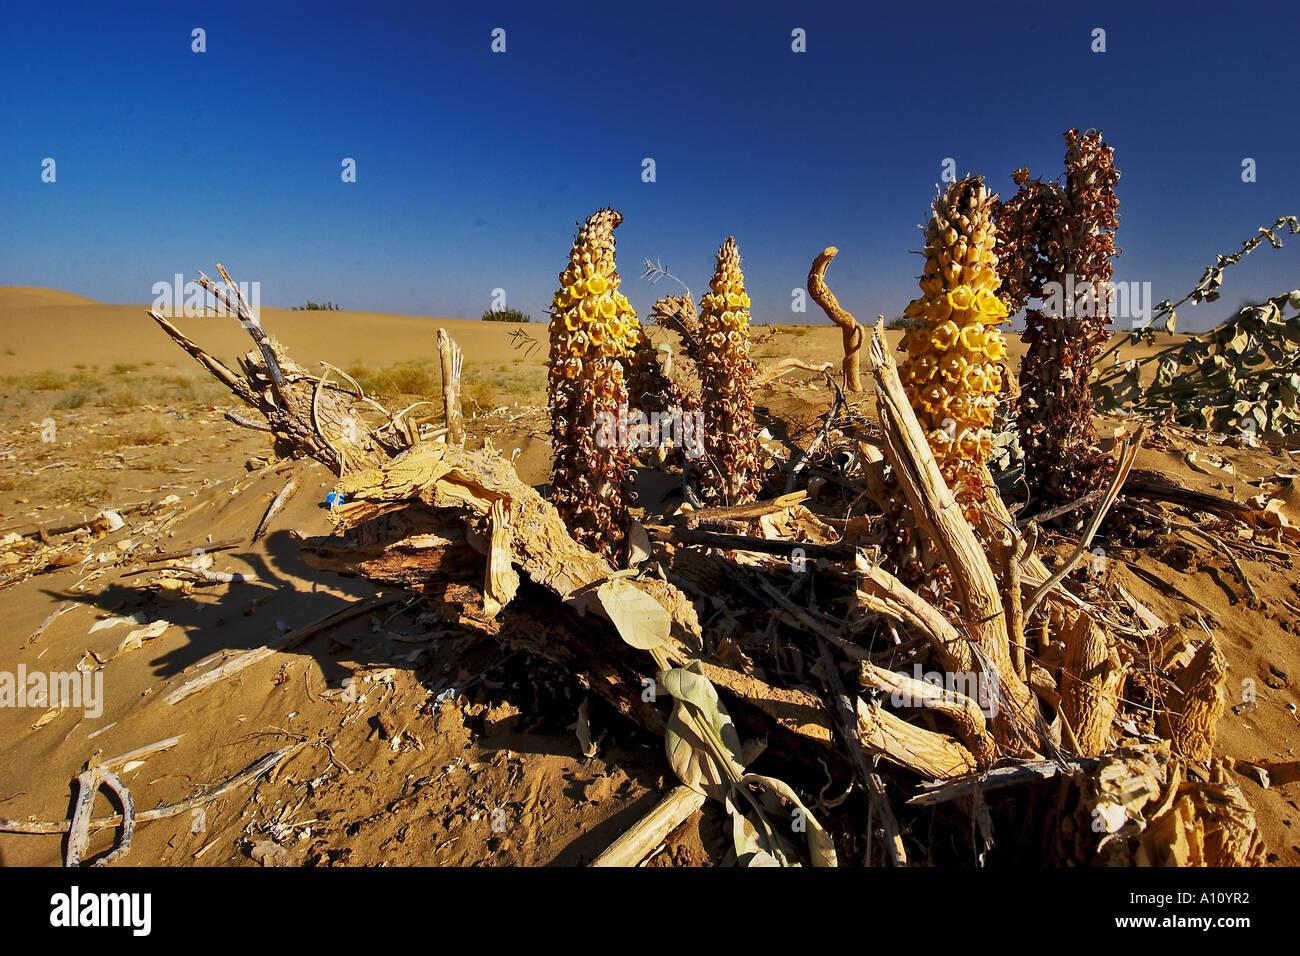 UGA75795 Desert Plants in Thar desert Sam Sand Dunes ...